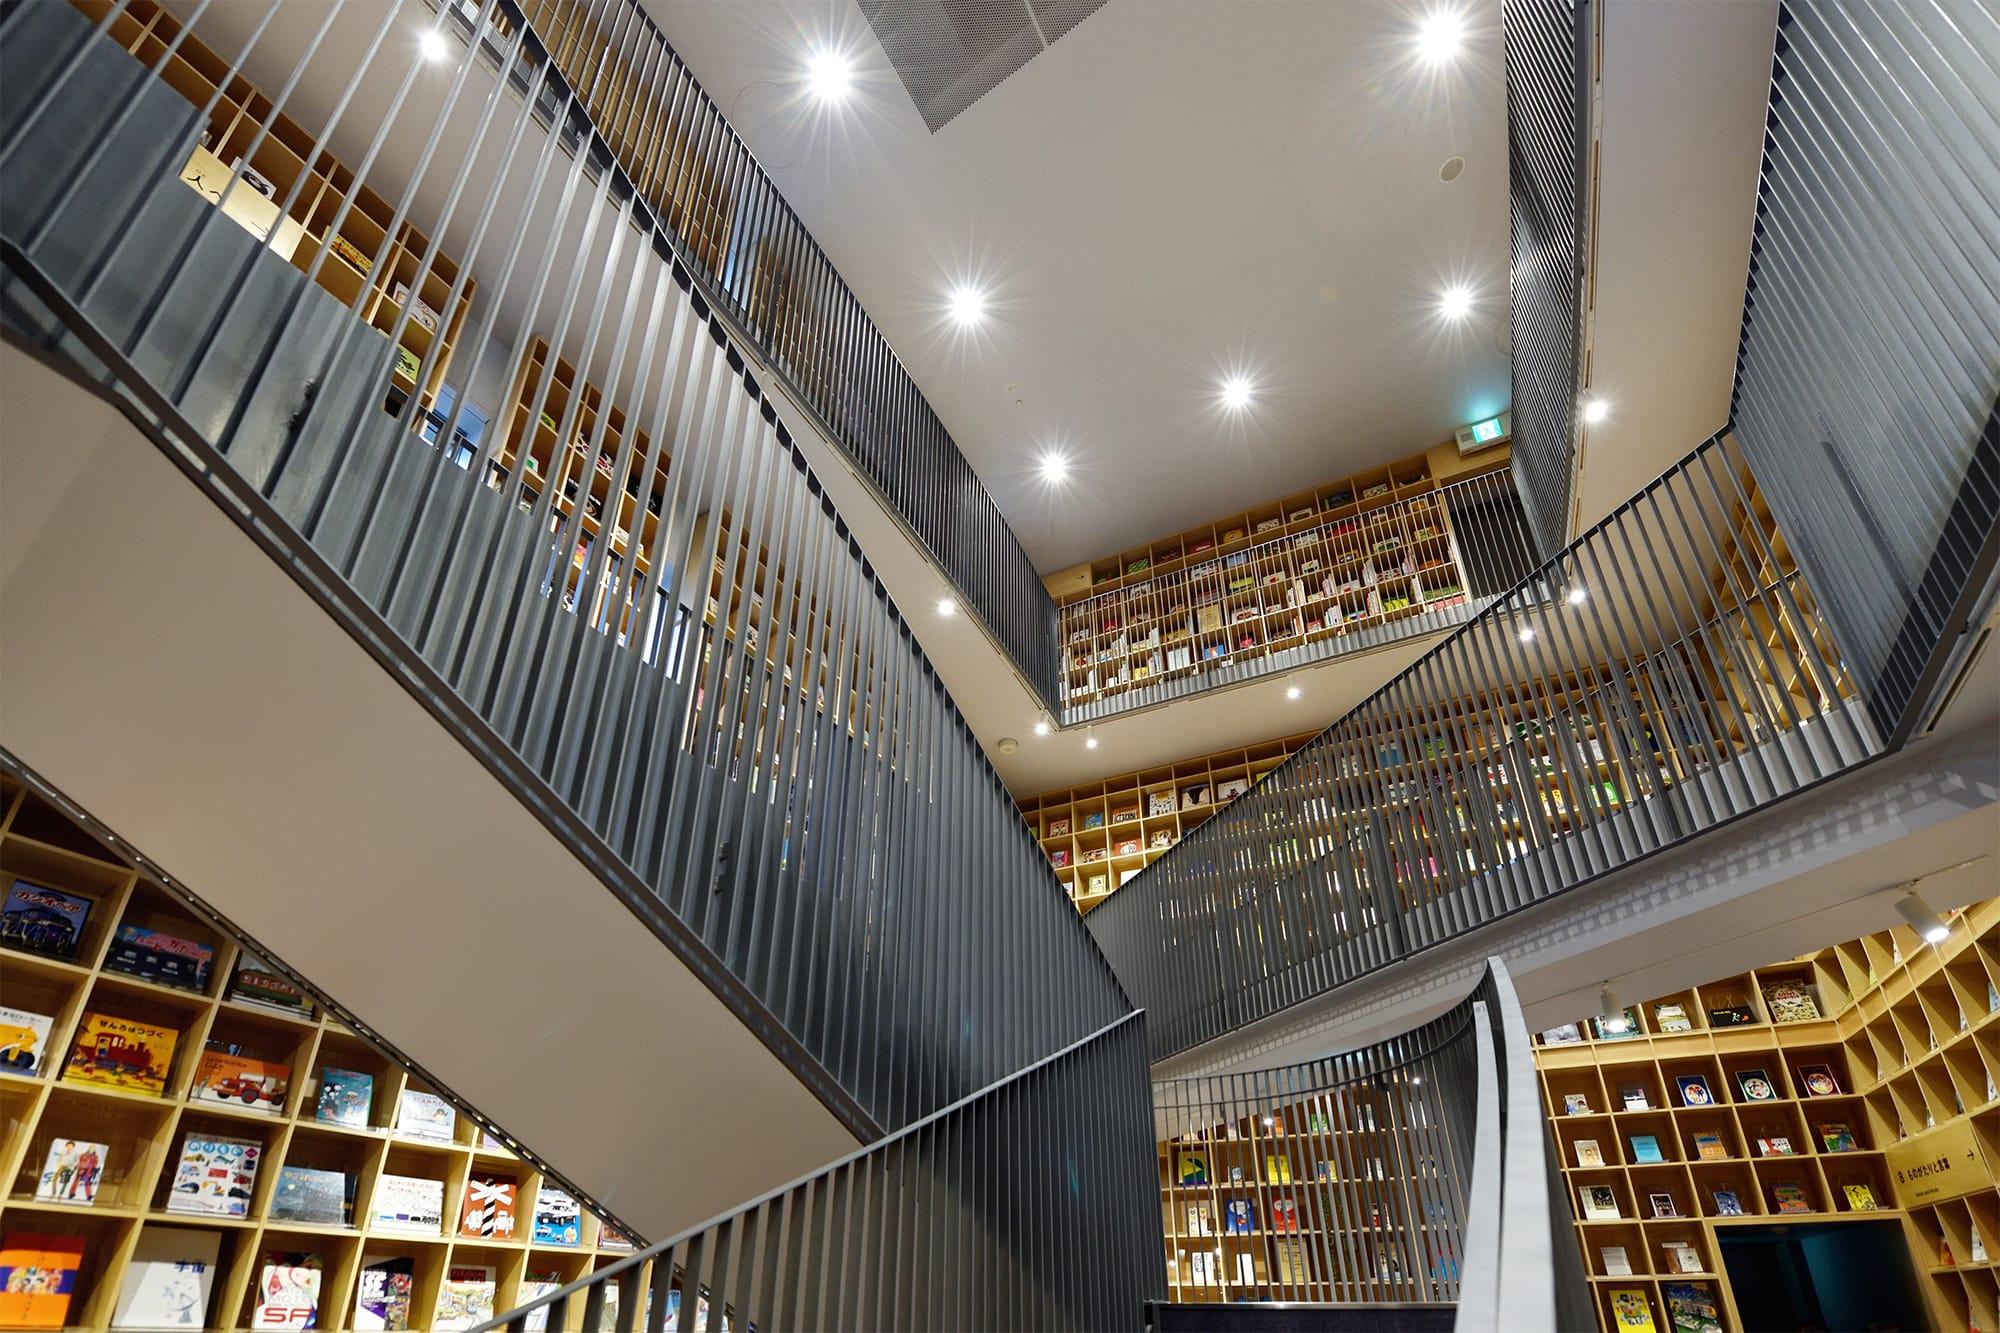 3階分の吹き抜けから、天井まで届く書架を望む。隙間から川や緑が垣間見え、圧迫感どころか安らぎさえ覚える設計だ。